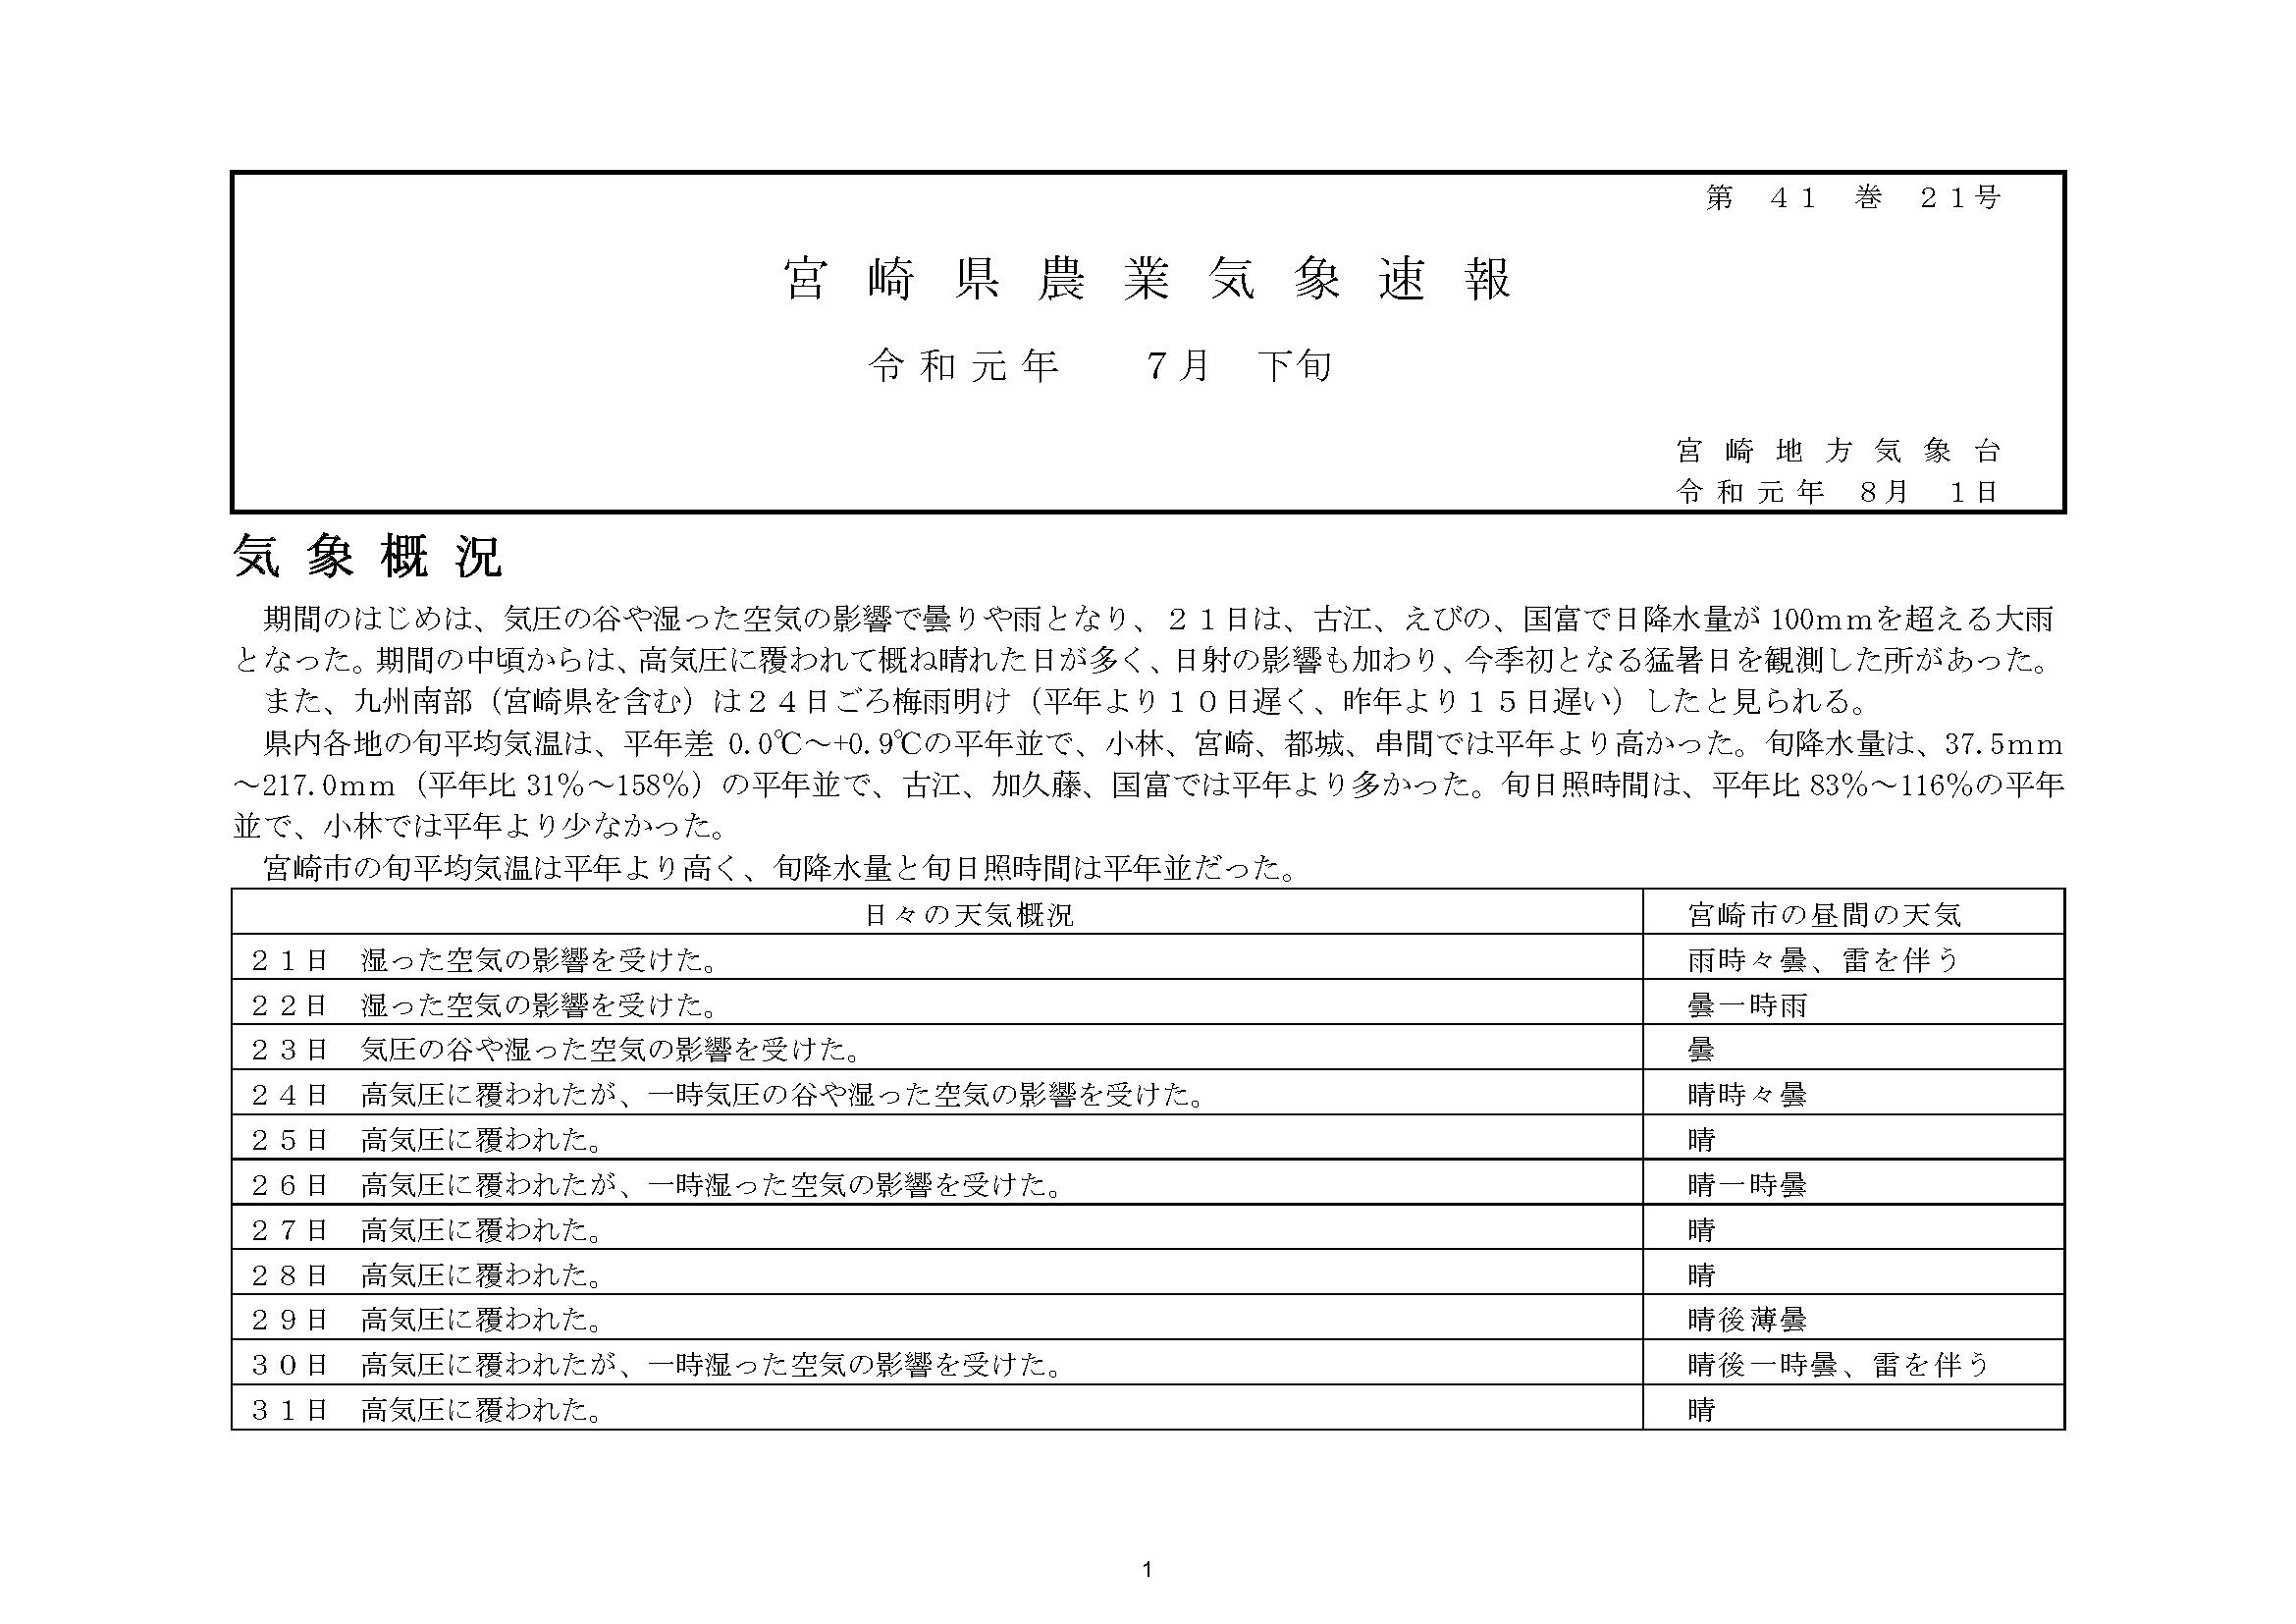 宮崎県農業気象速報令和元年7月下旬PDF